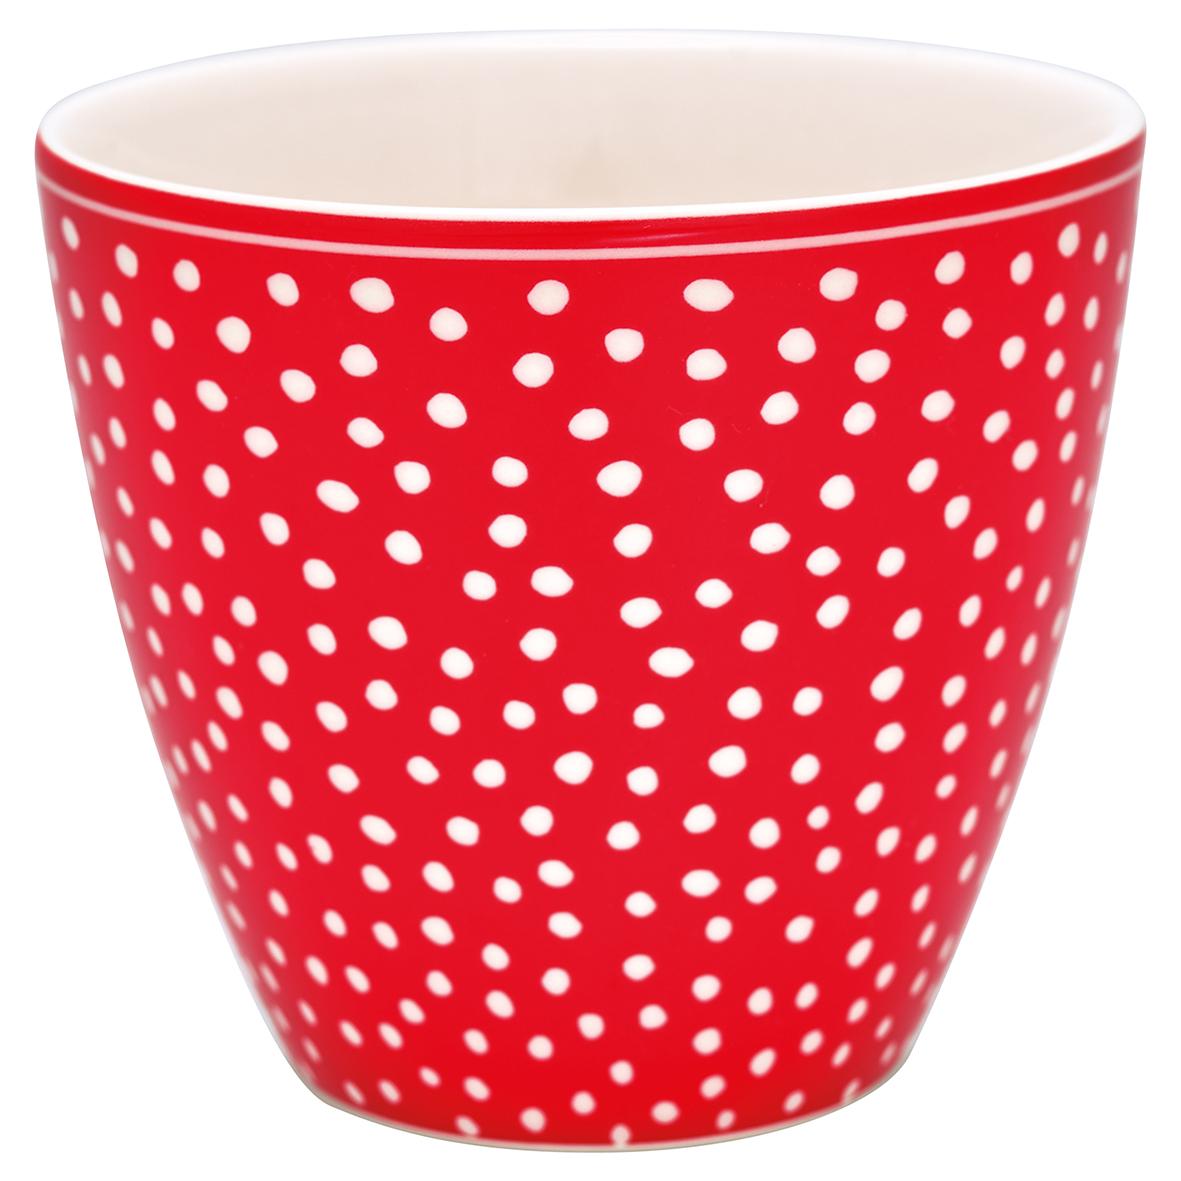 GreenGate Becher Latte Cup Dot Red